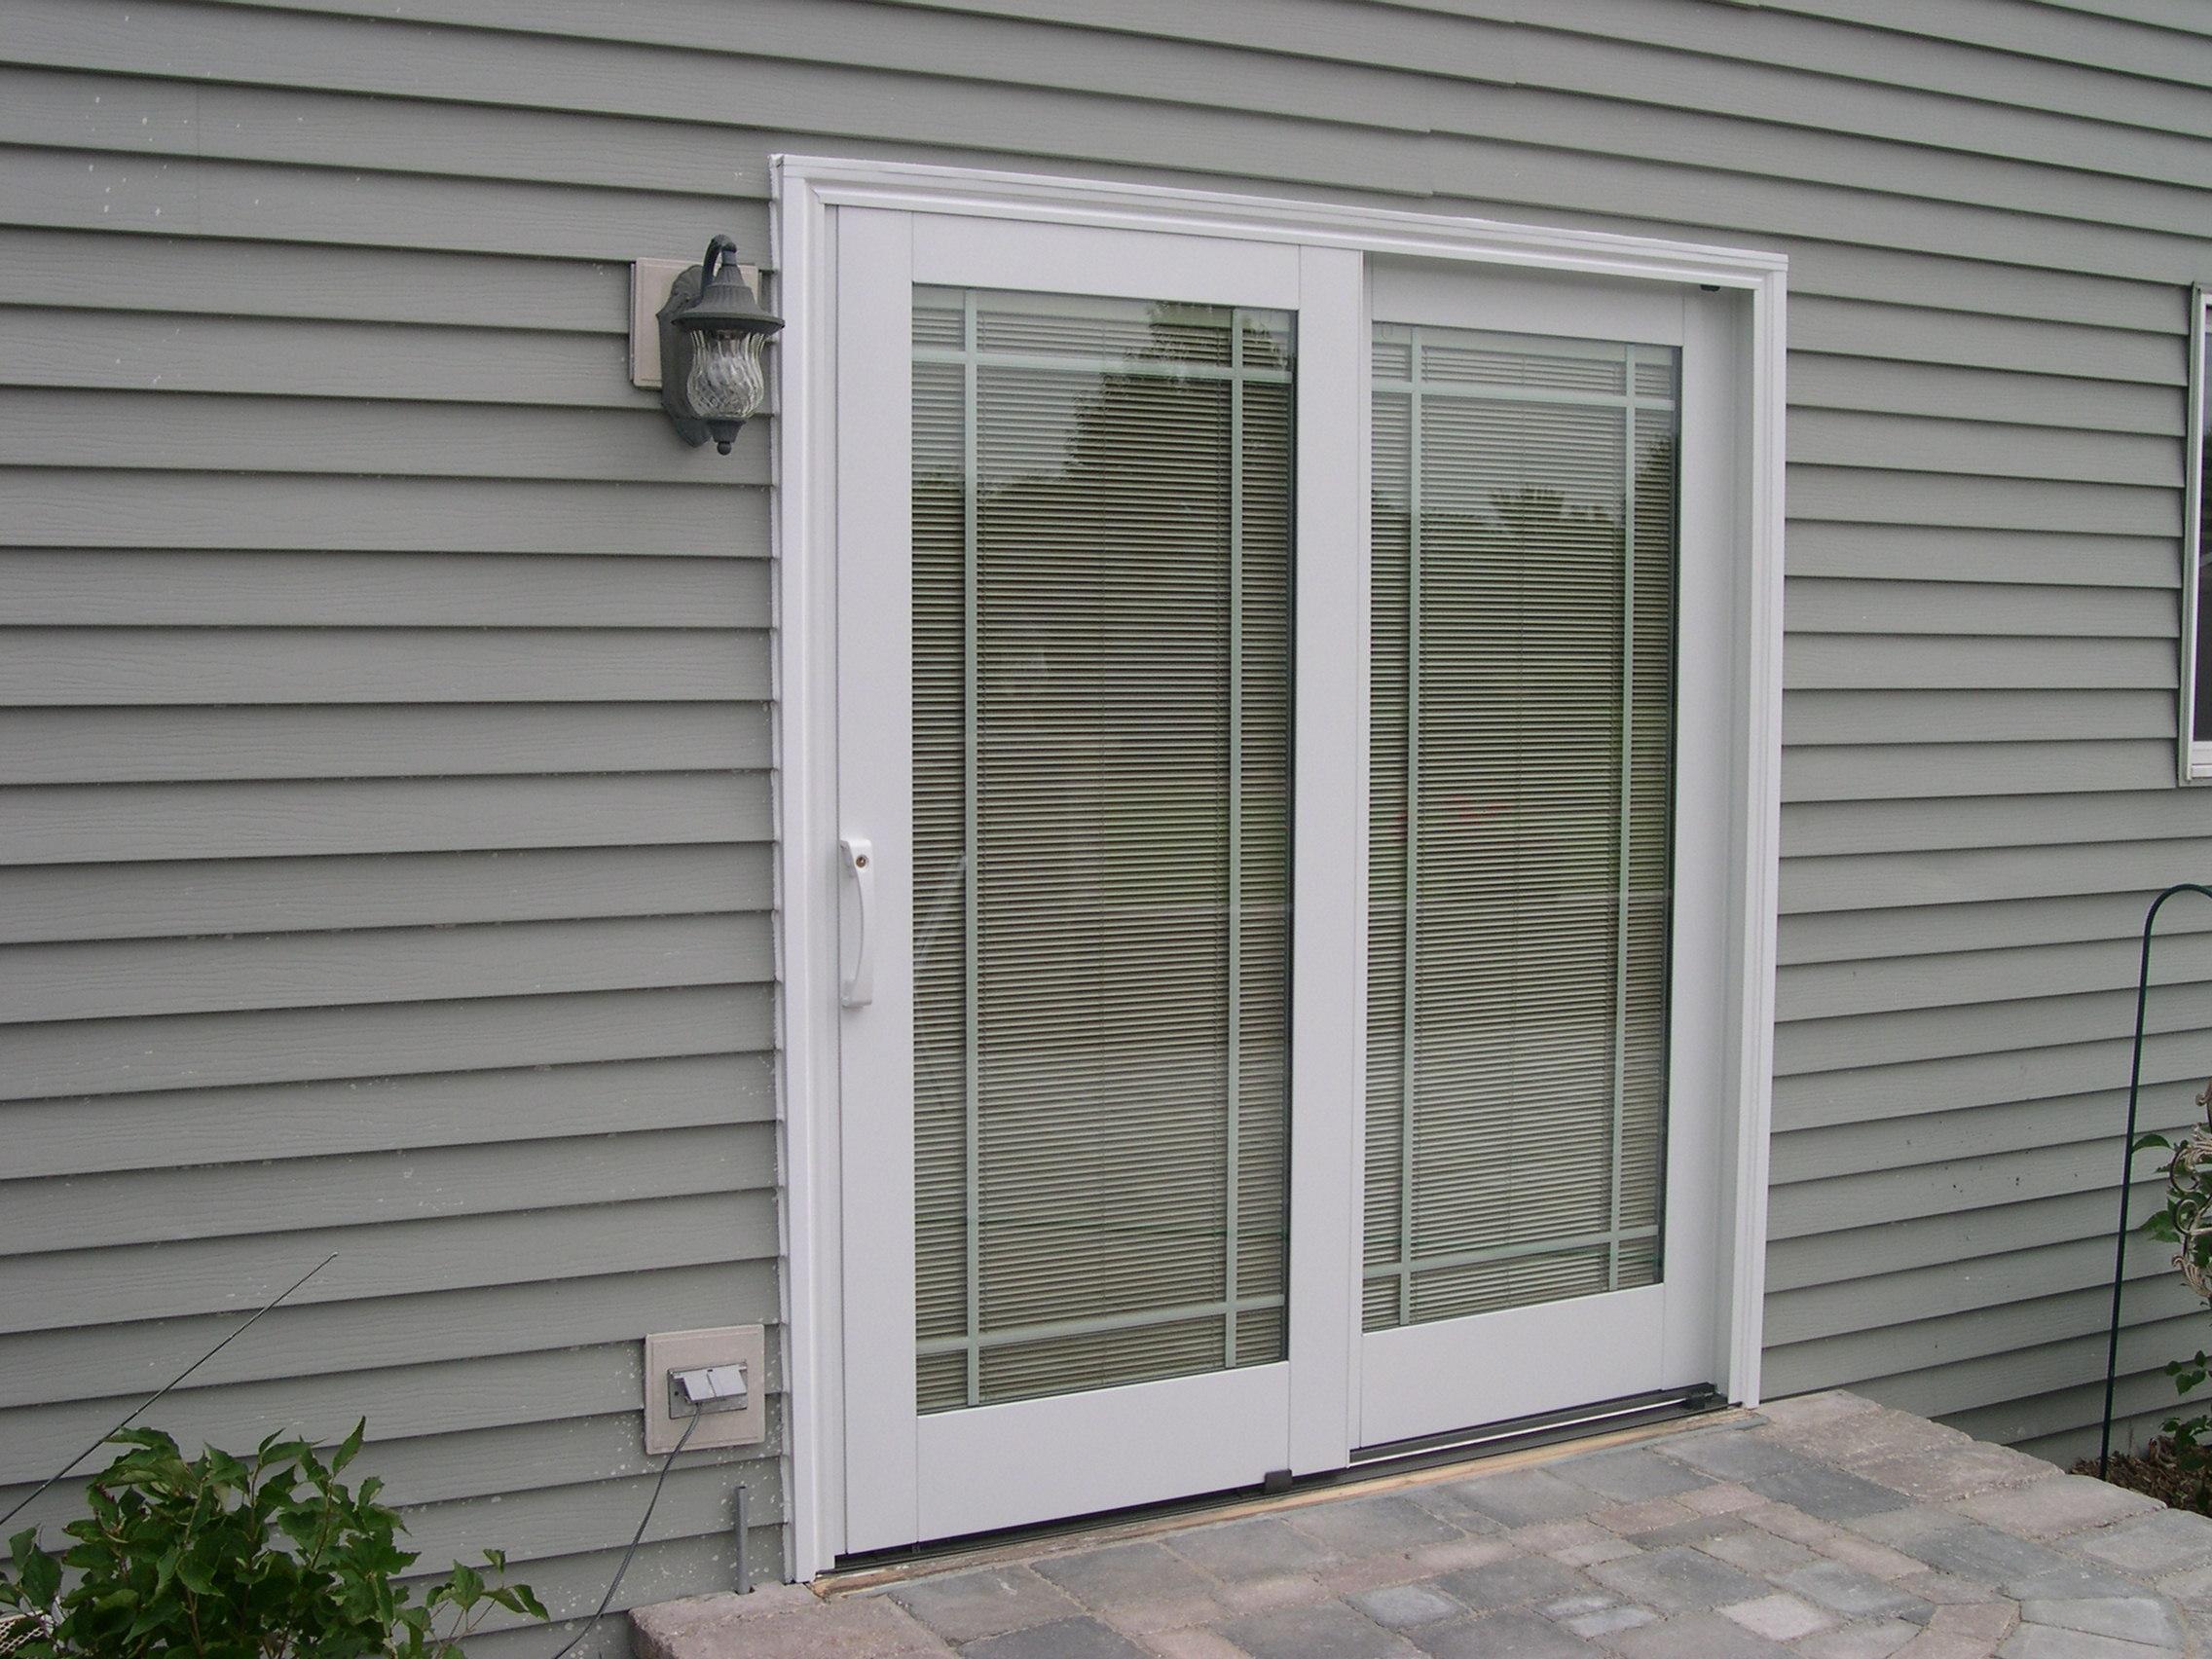 Pella Sliding Door Blinds Between Glass2272 X 1704